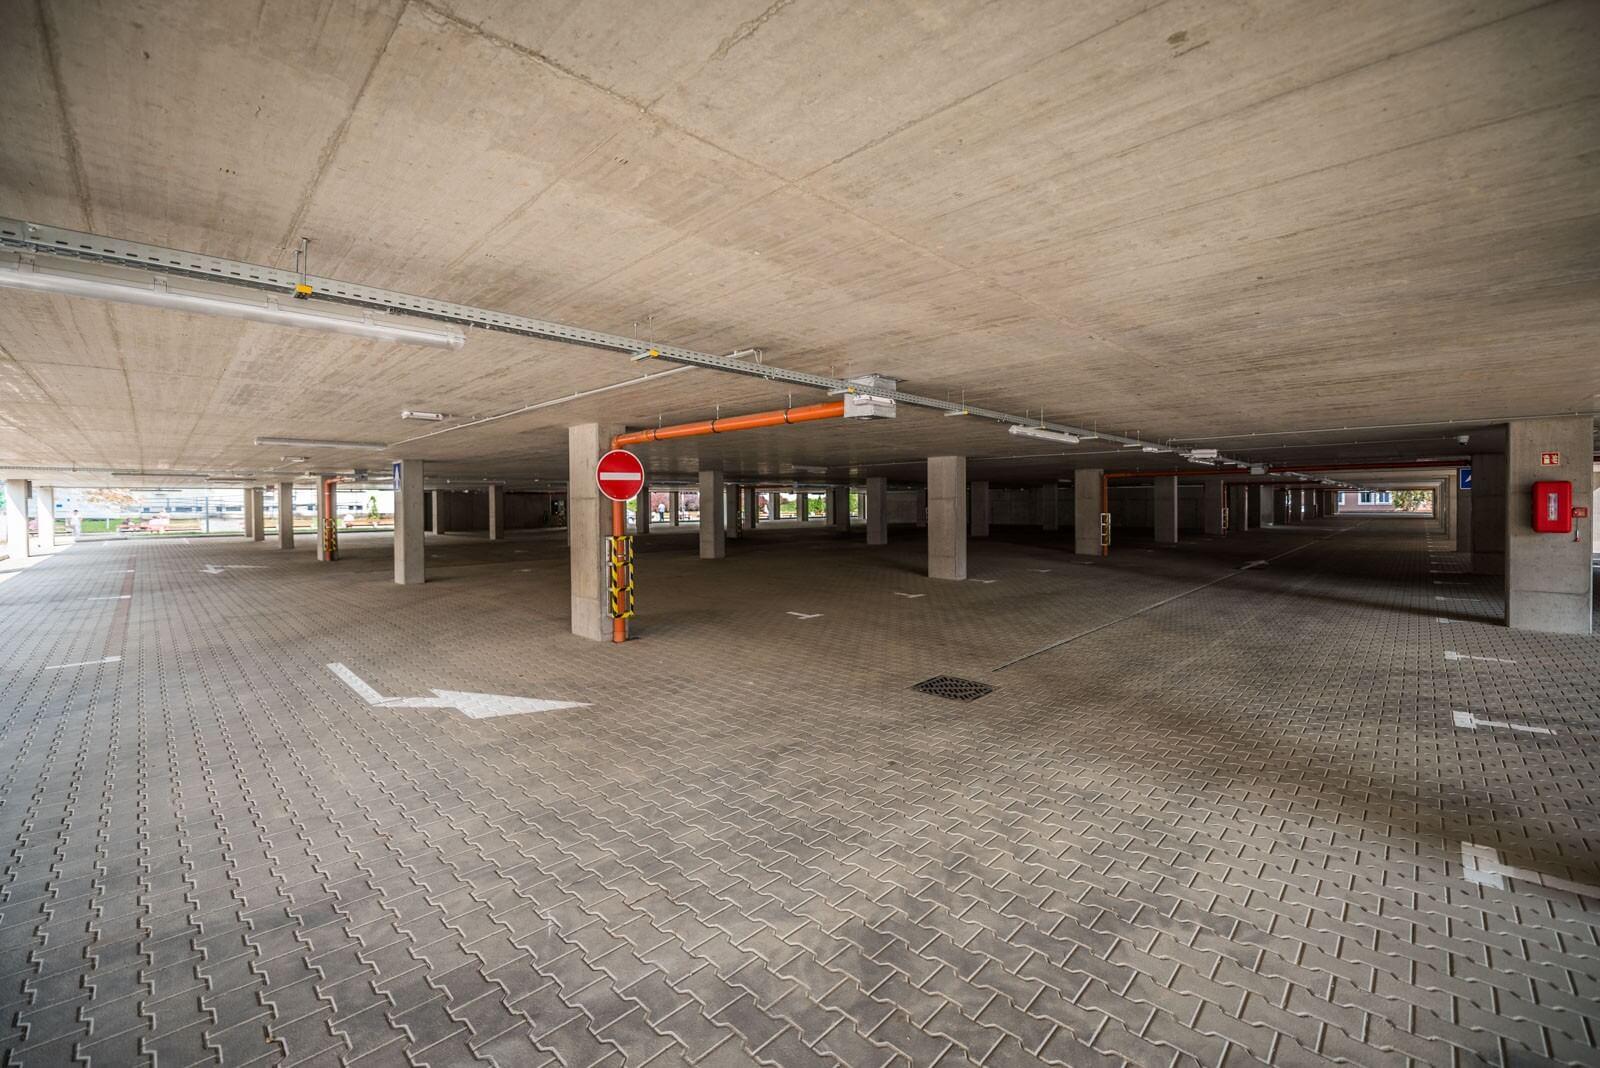 Így oldotta meg parkolási gondjait a nyíregyházi kórház